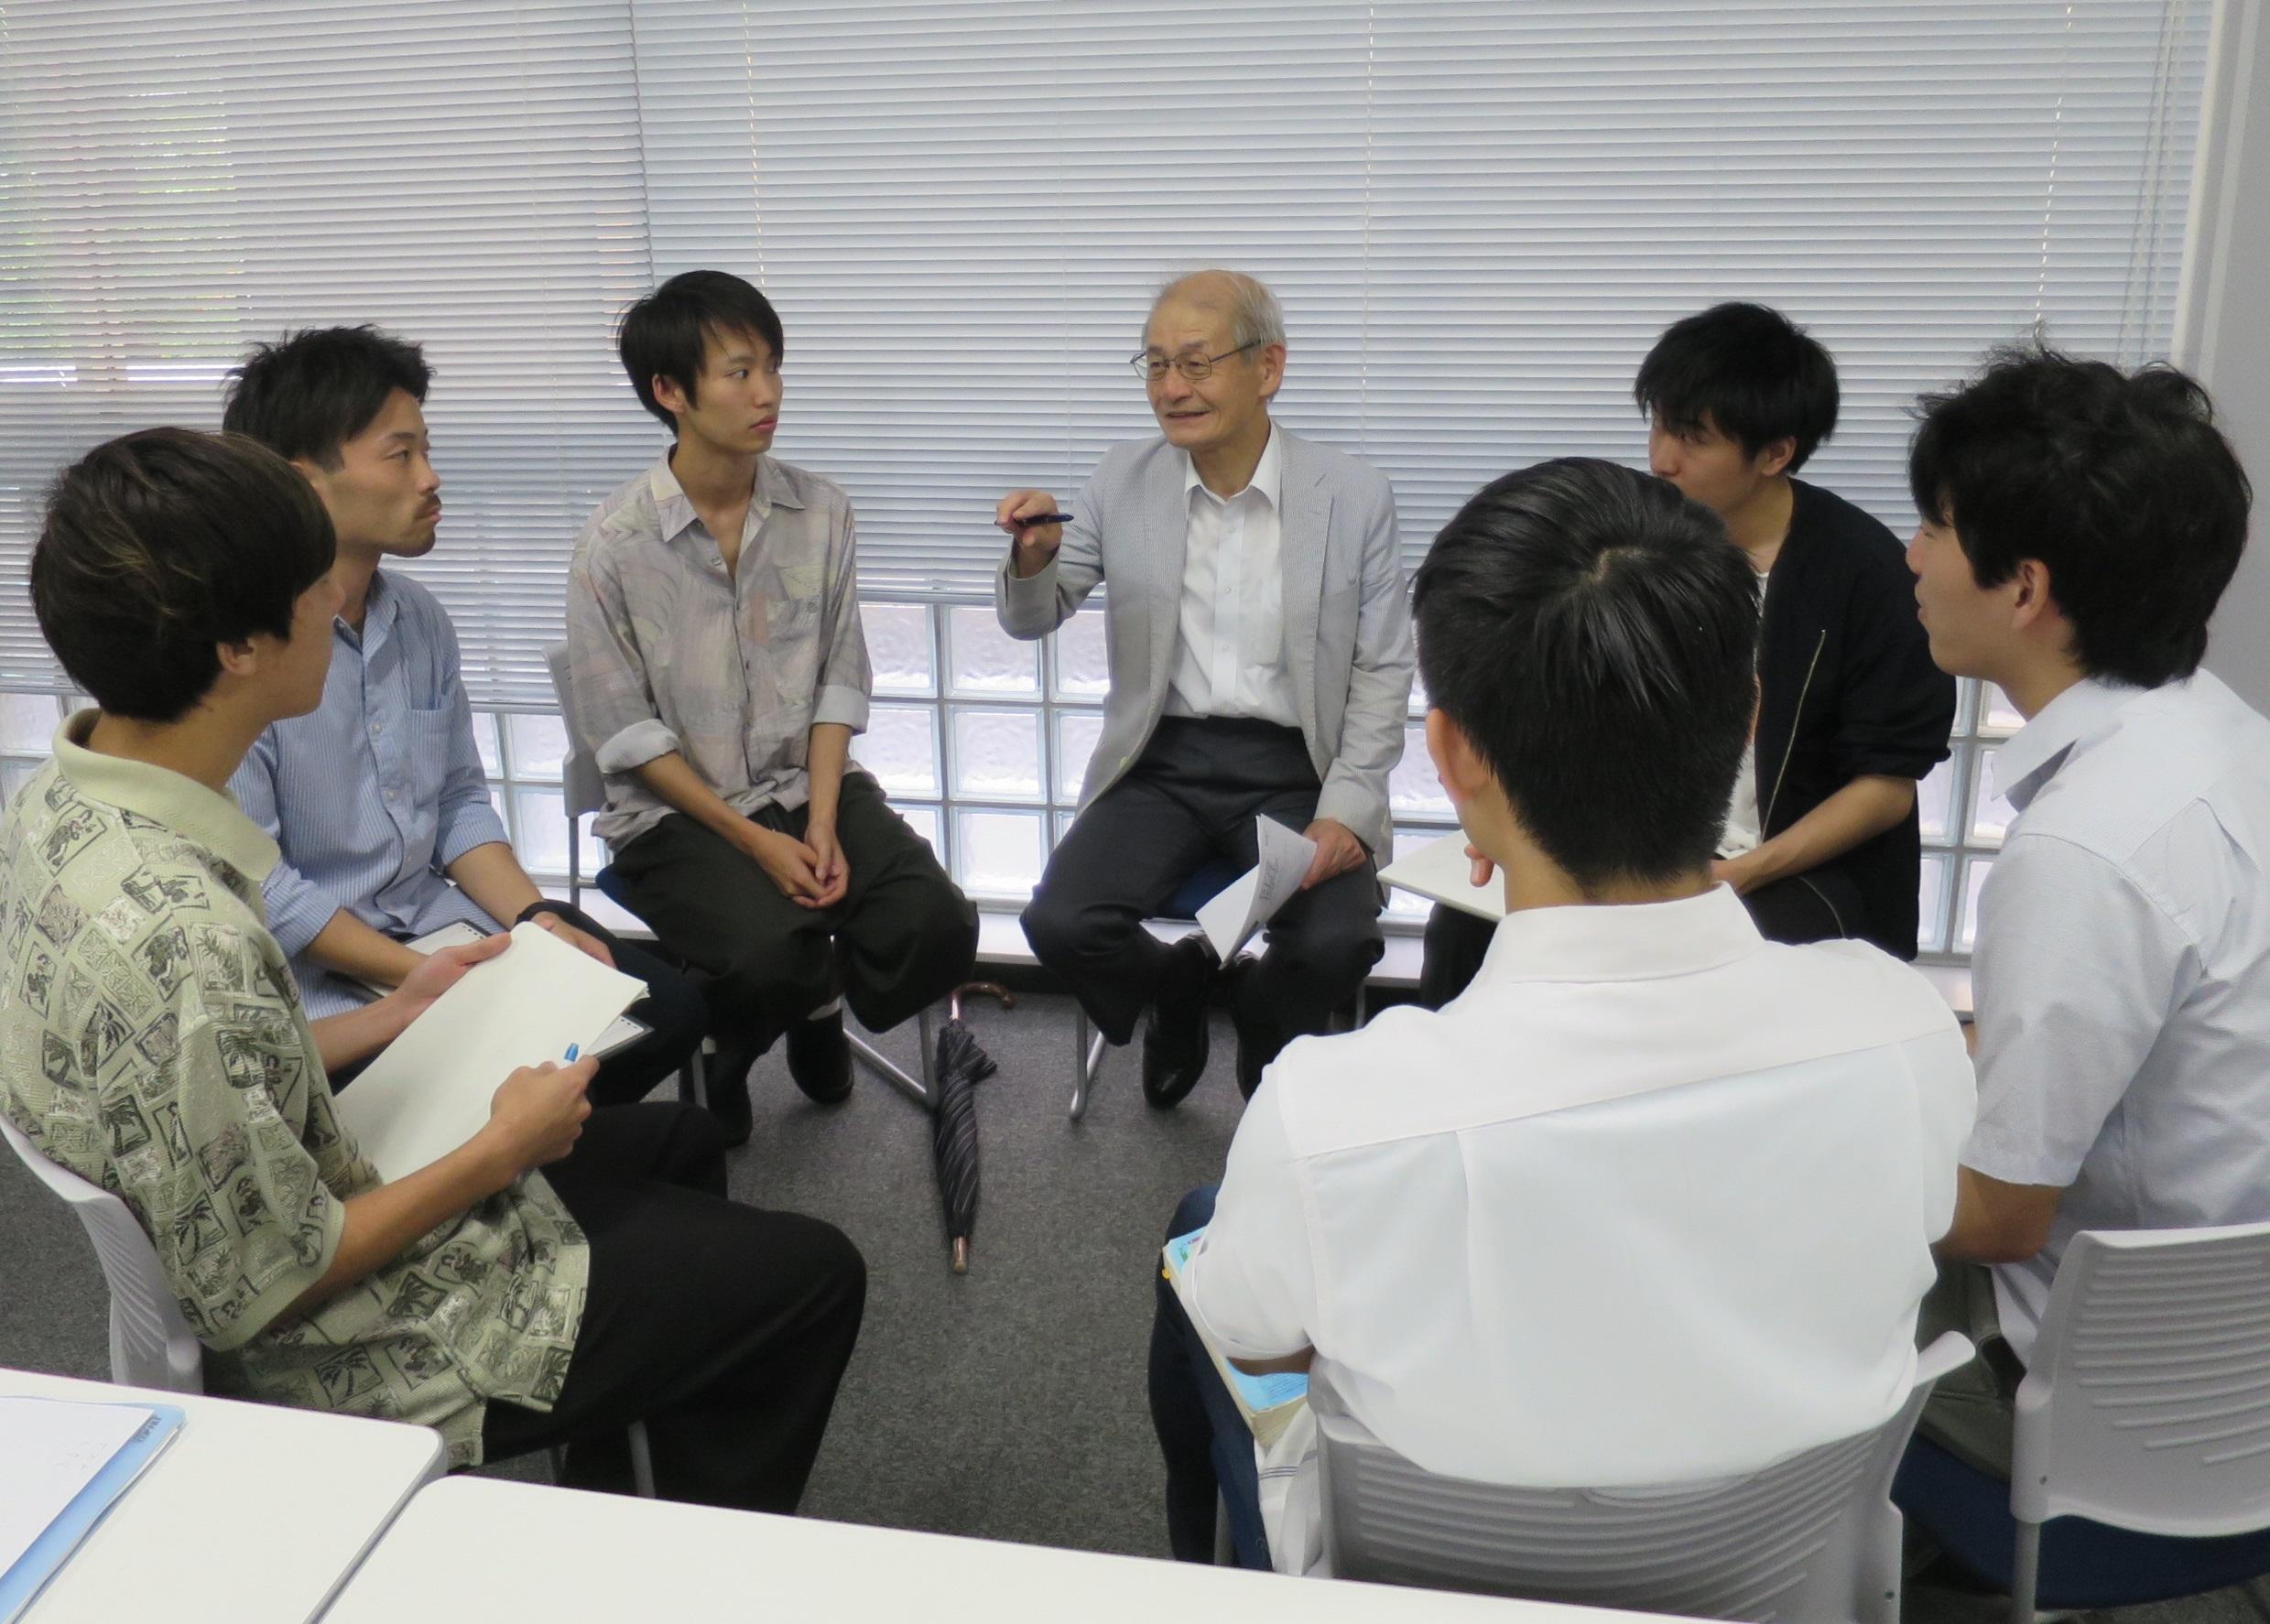 大学院生と双方向の講義を心掛ける吉野彰教授